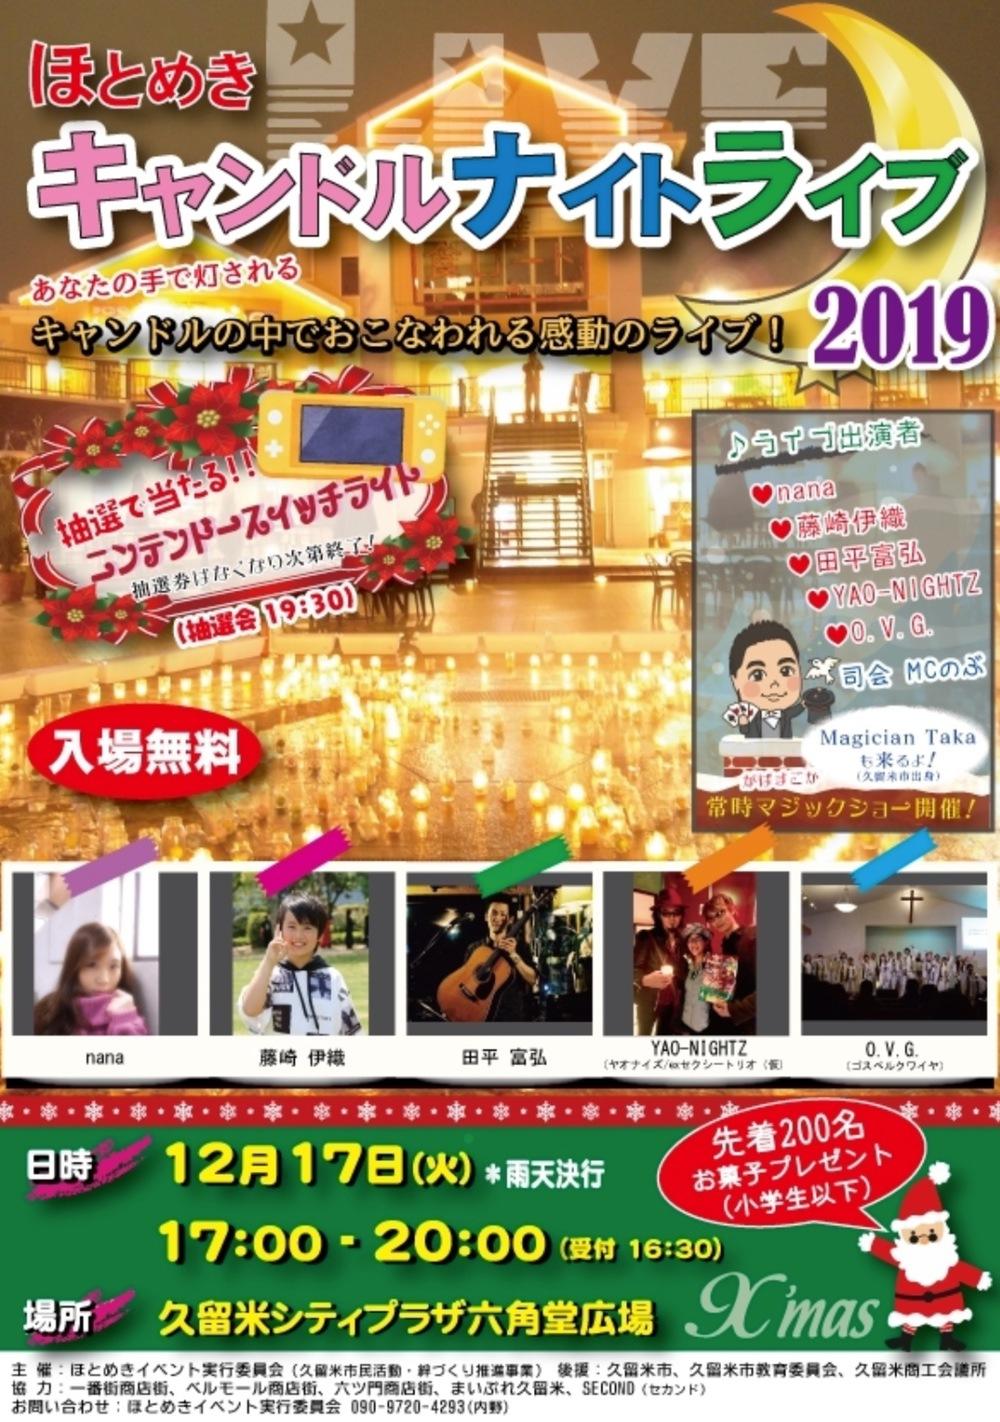 ほとめきキャンドルナイトライブ2019 ライブや抽選会も【久留米】